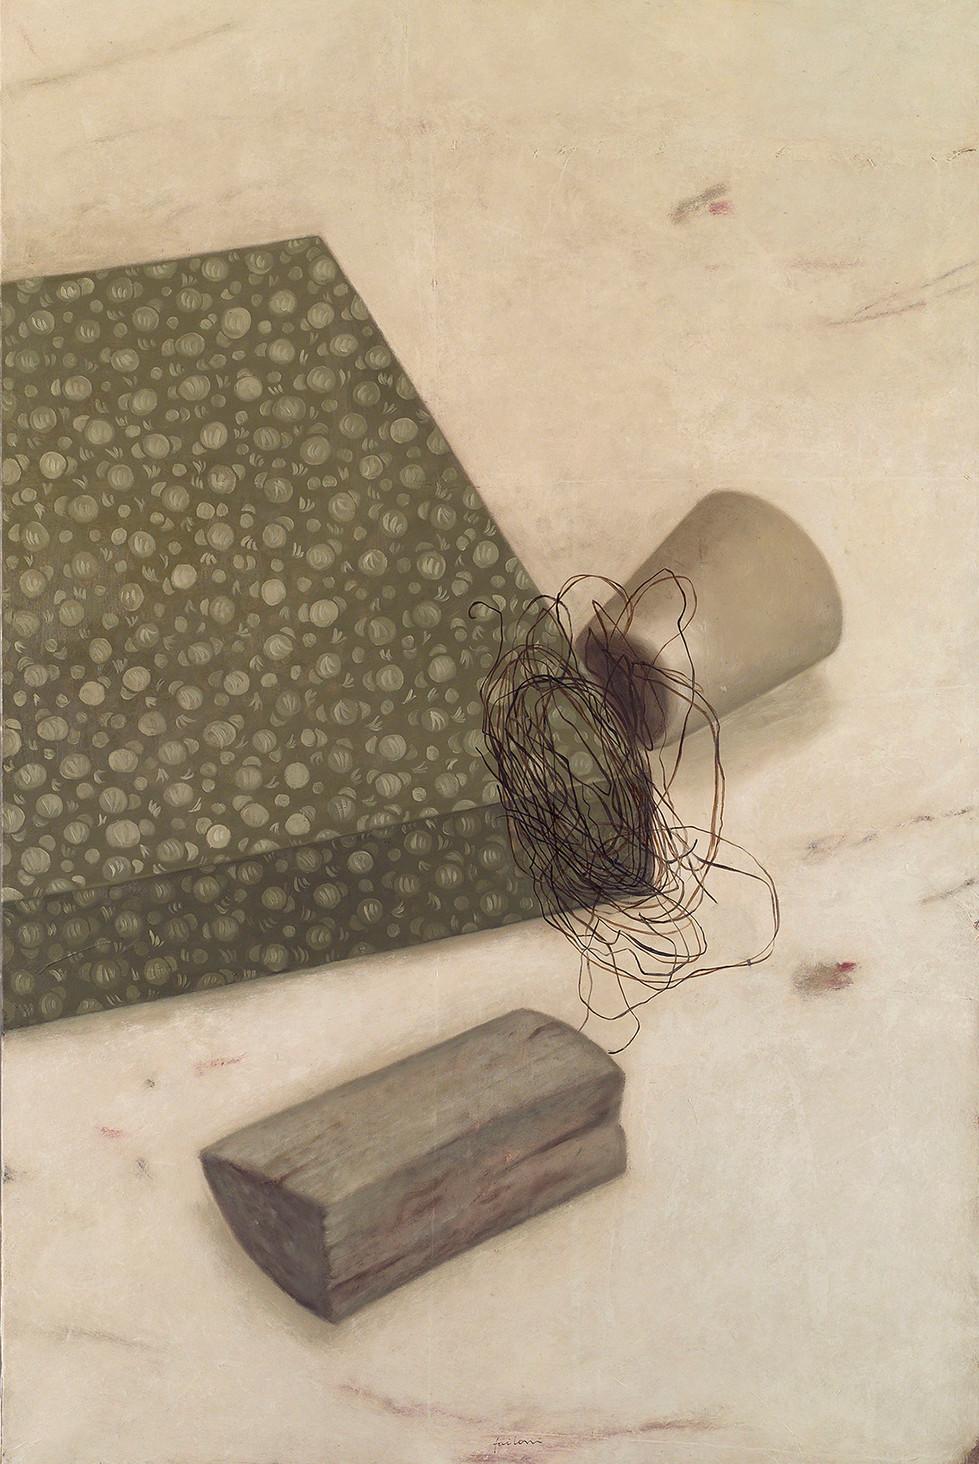 Senza titolo, 2004, olio su carta su tela, cm 150 x 100